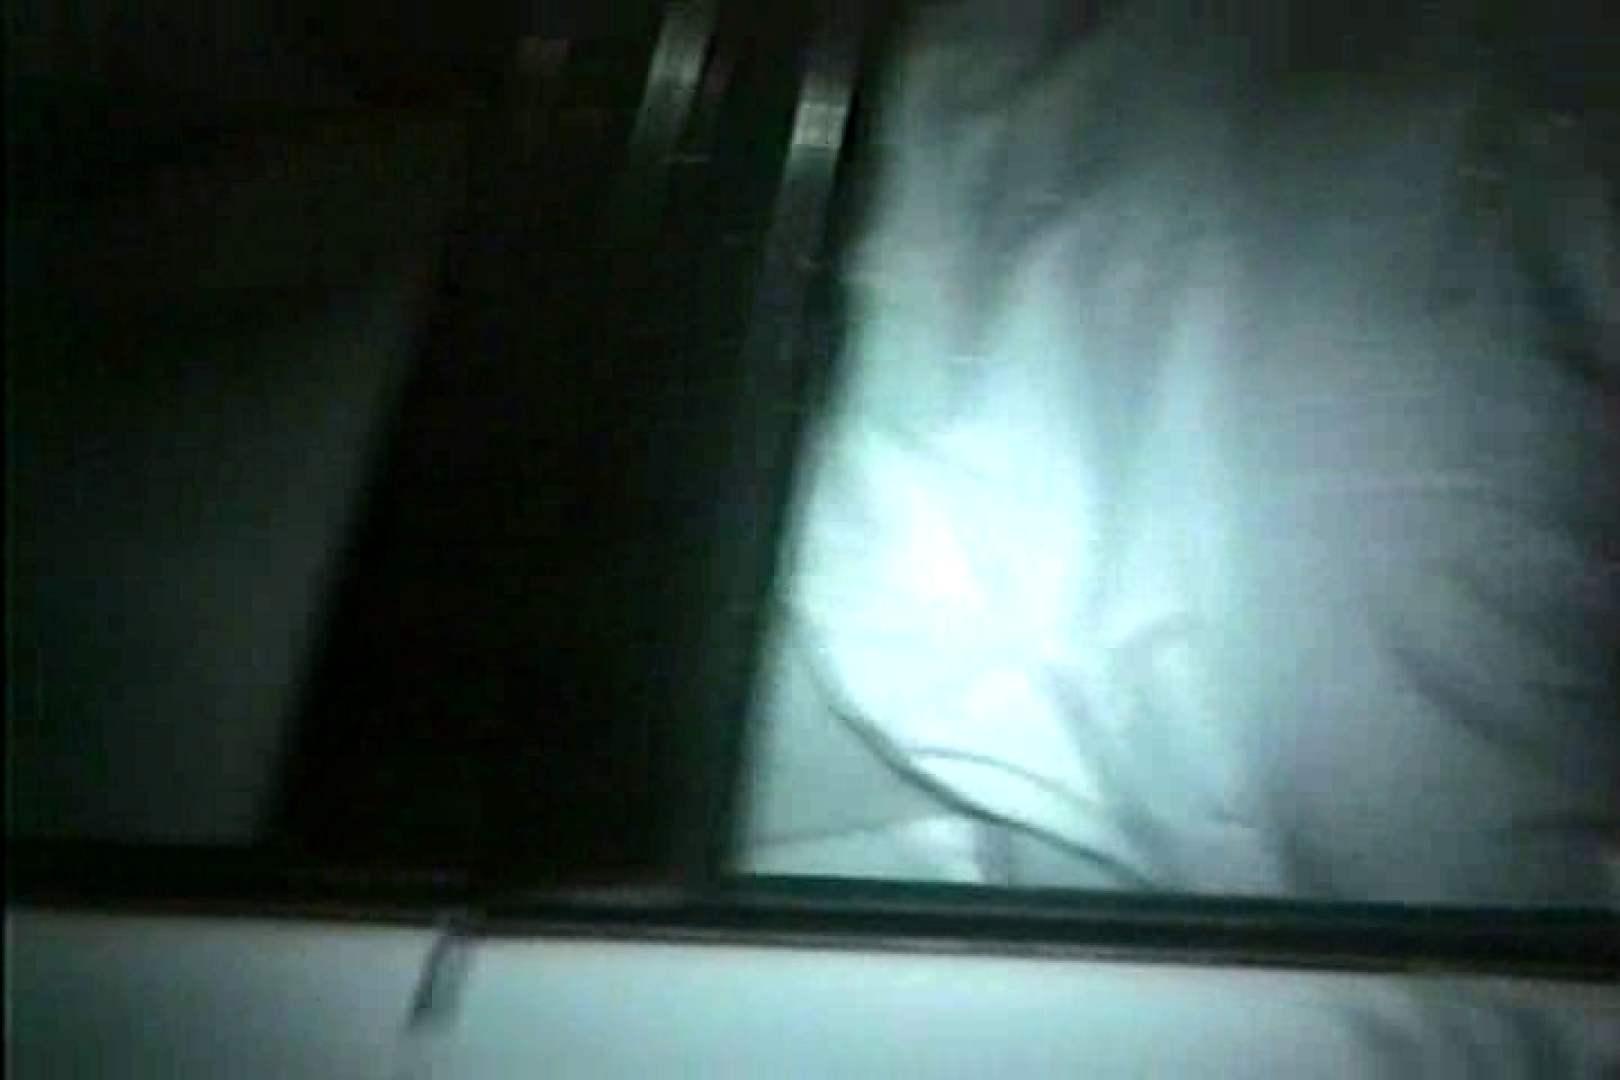 車の中はラブホテル 無修正版  Vol.6 赤外線 盗撮動画紹介 31連発 27